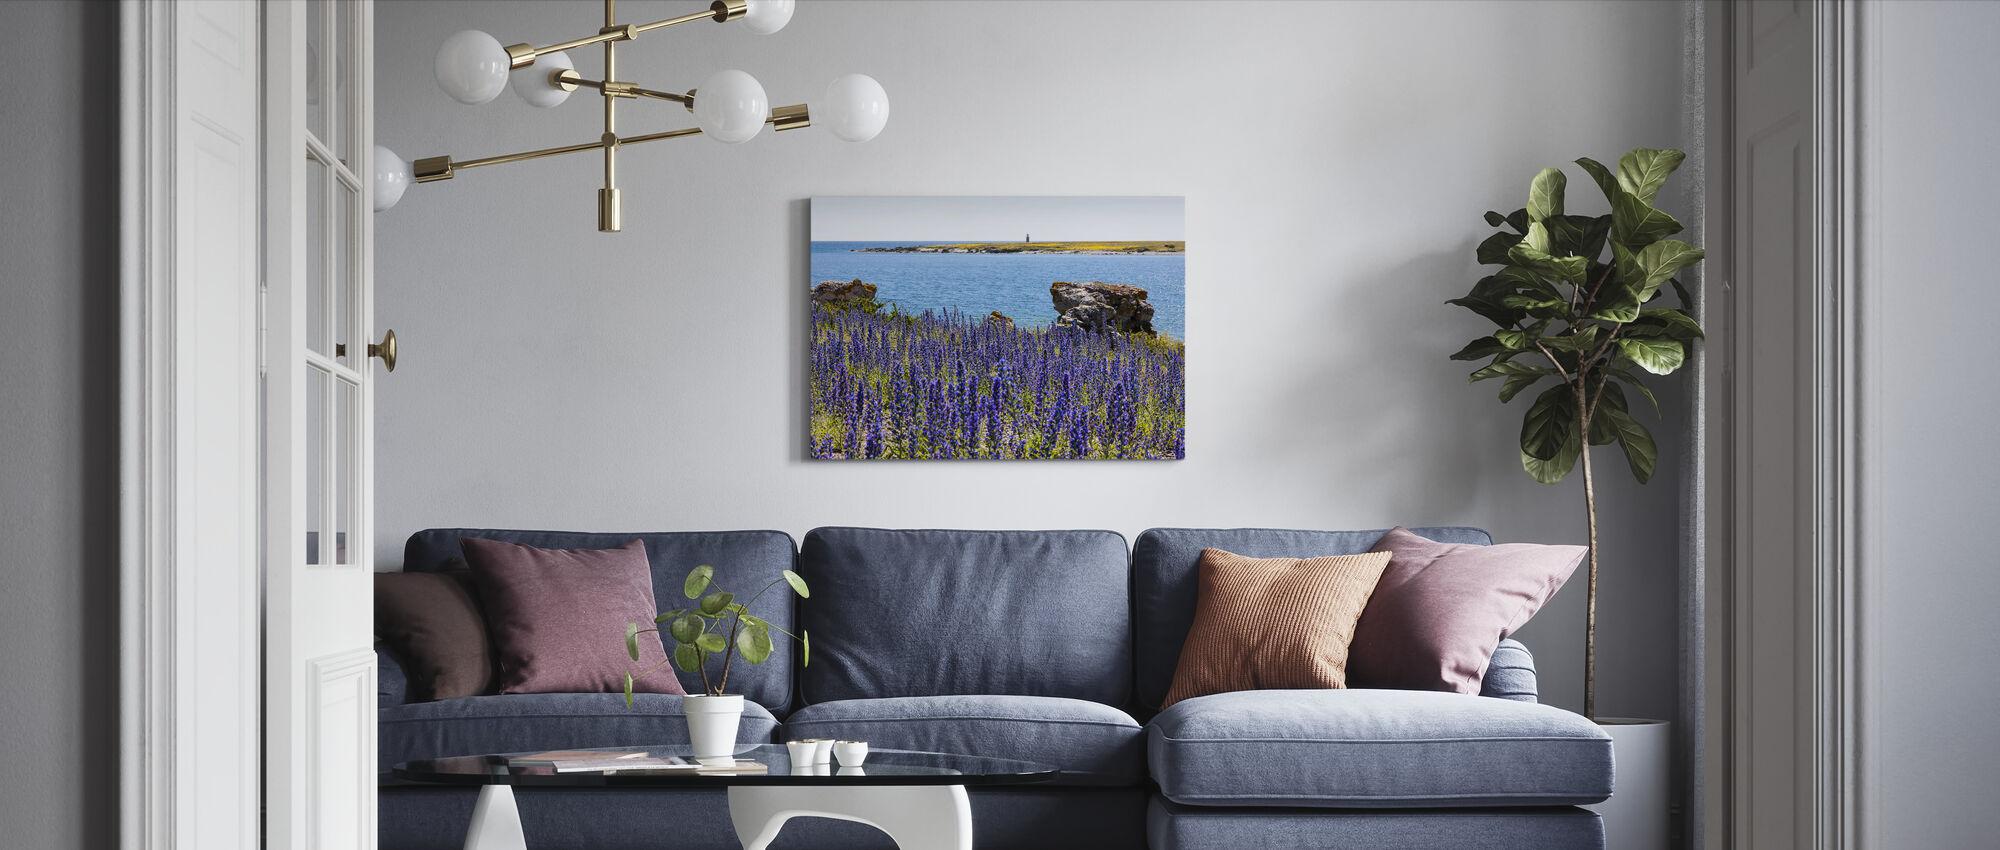 Gotland Sommerlandschaft - Leinwandbild - Wohnzimmer